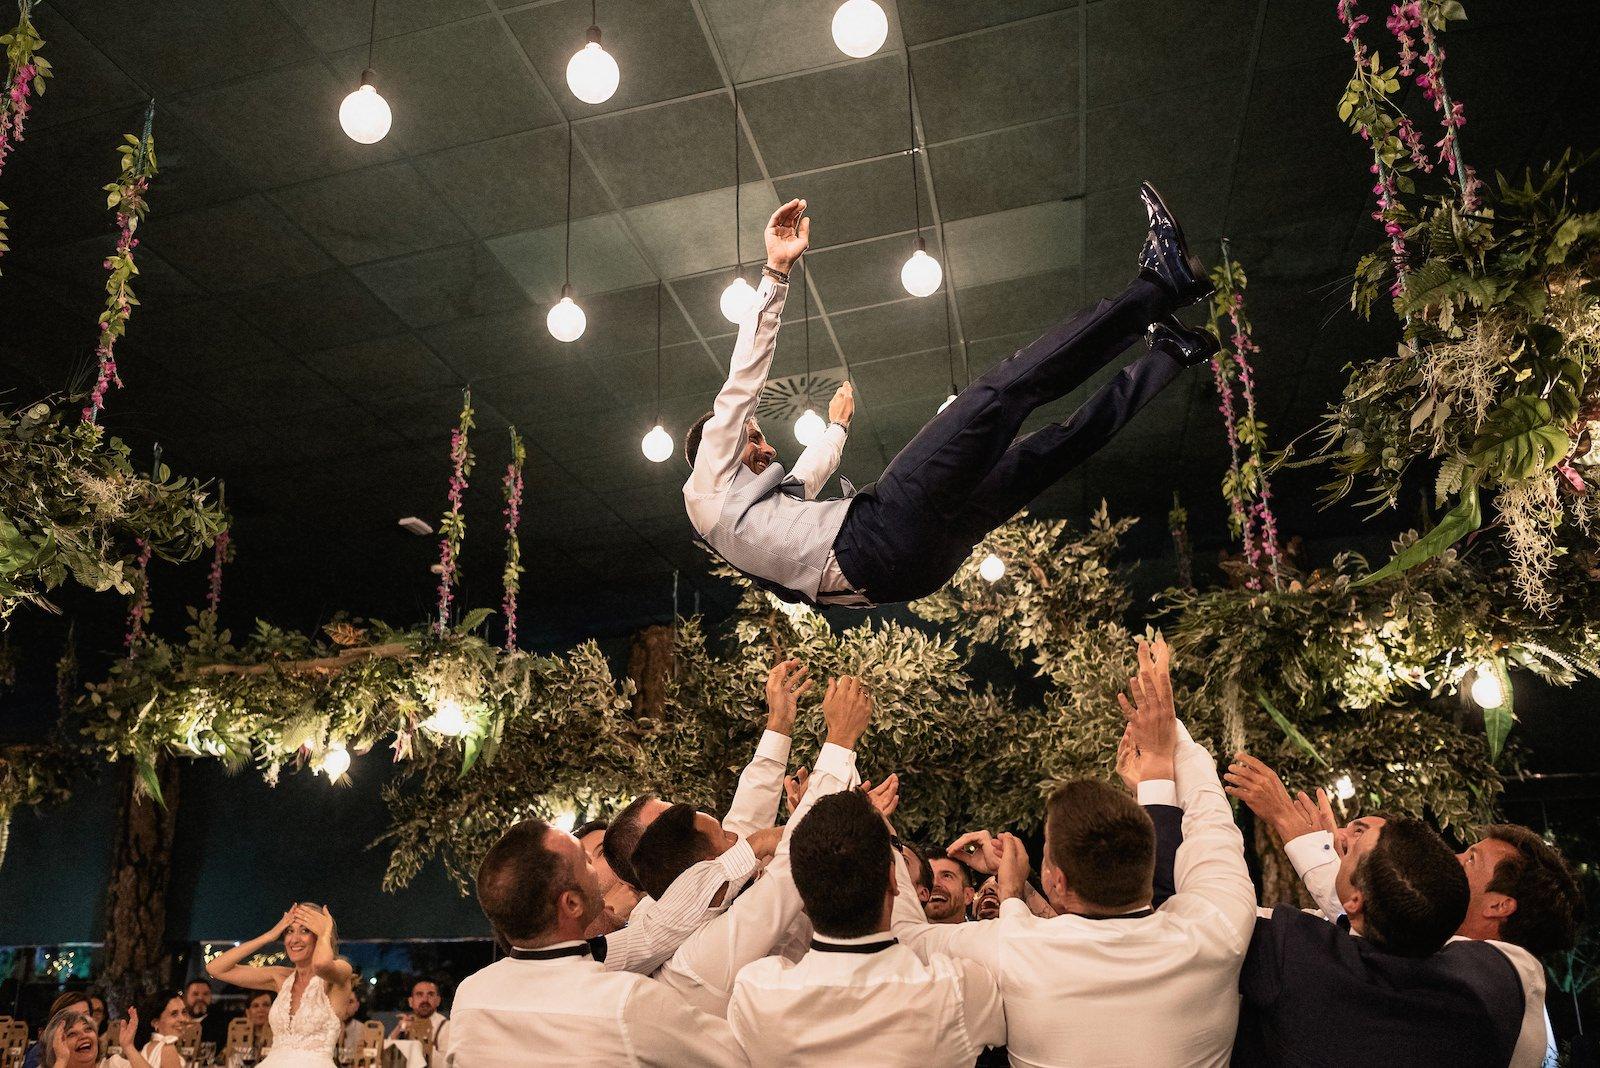 fotografia de boda novio lanzado por los padrinos de boda murcia